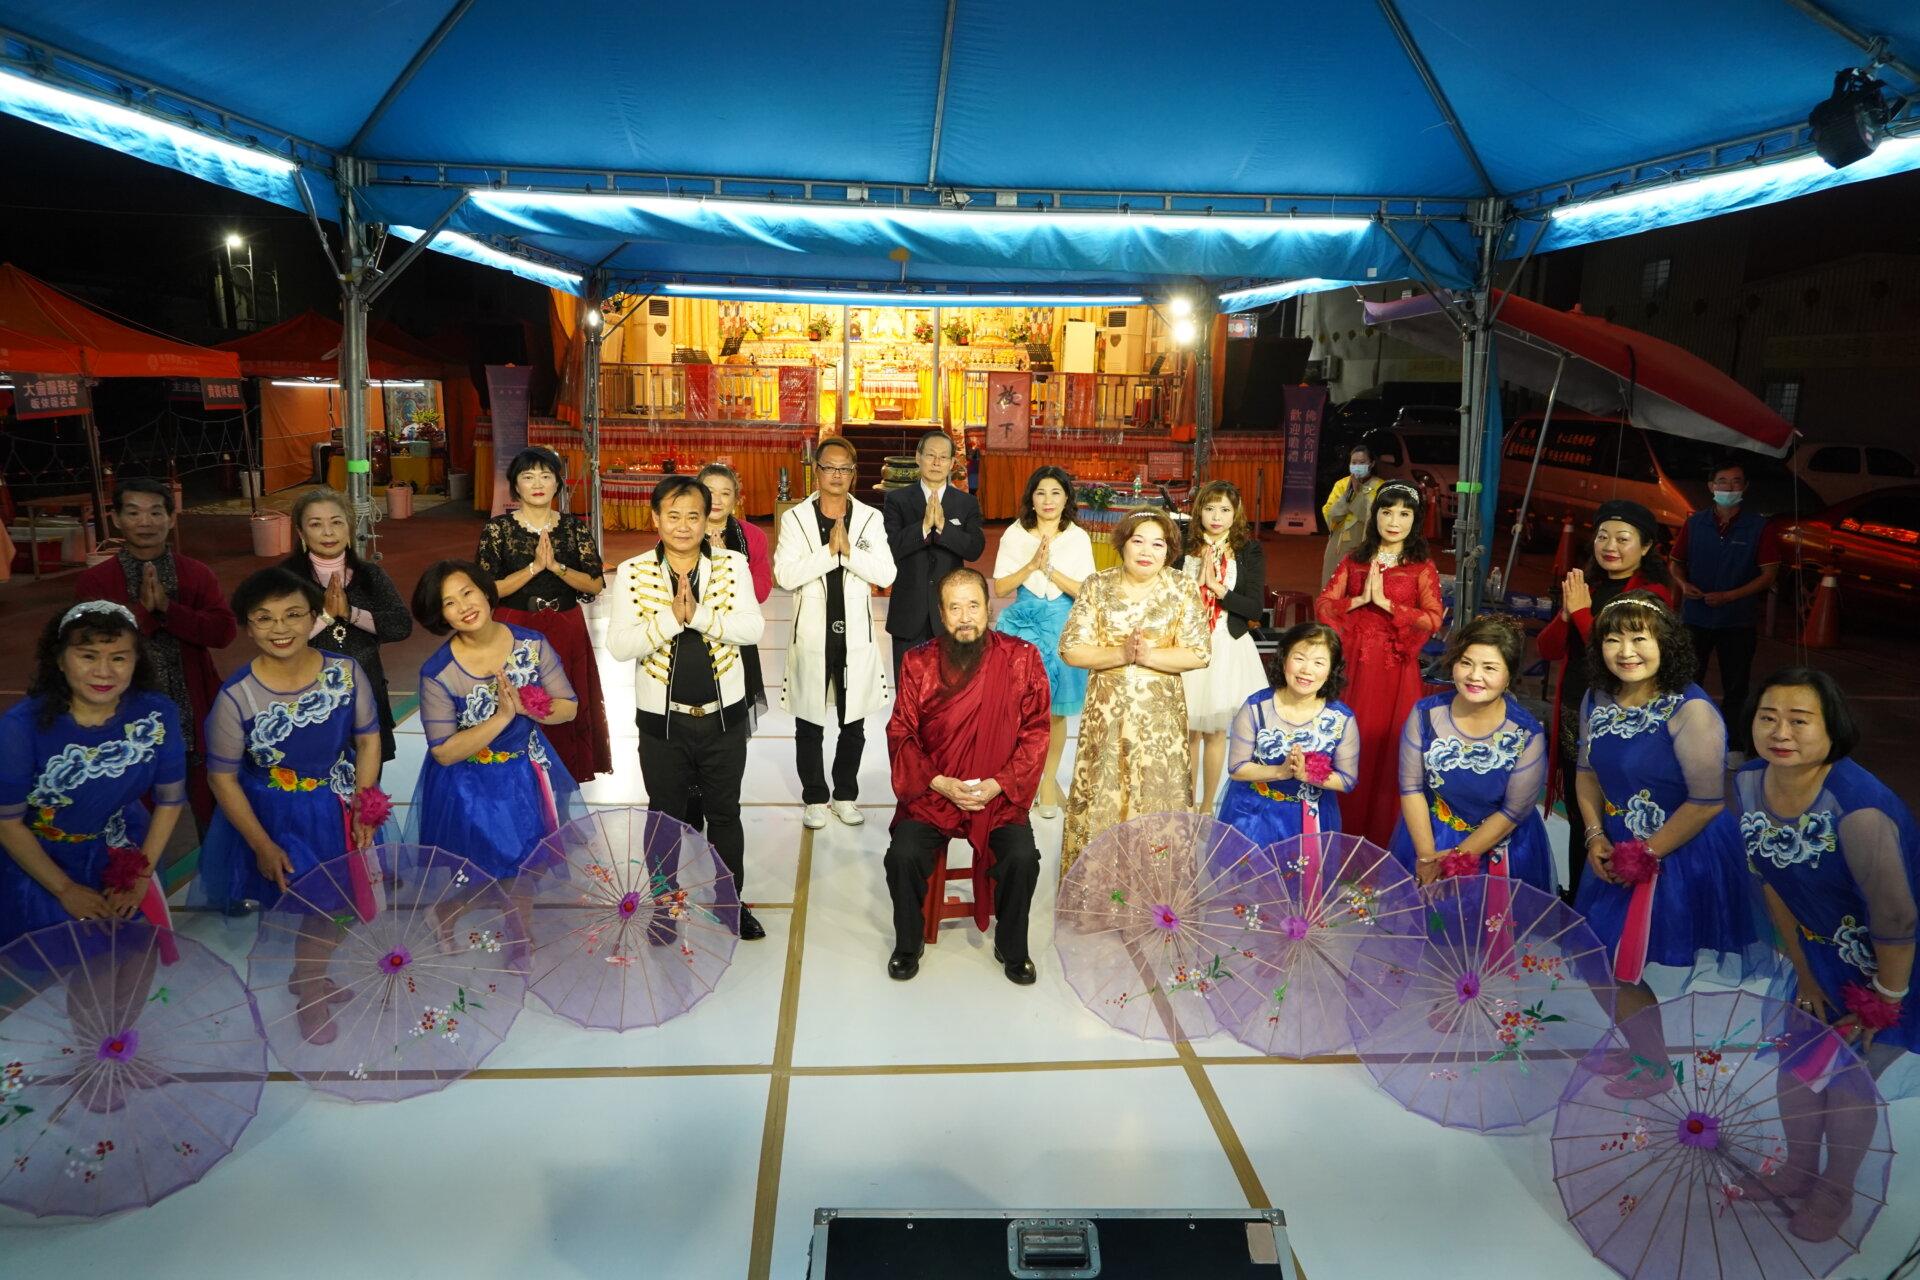 行動佛殿120站台南永康,本會指導上師恆性嘉措仁波且(中坐者)與永保安康歌唱協會合影